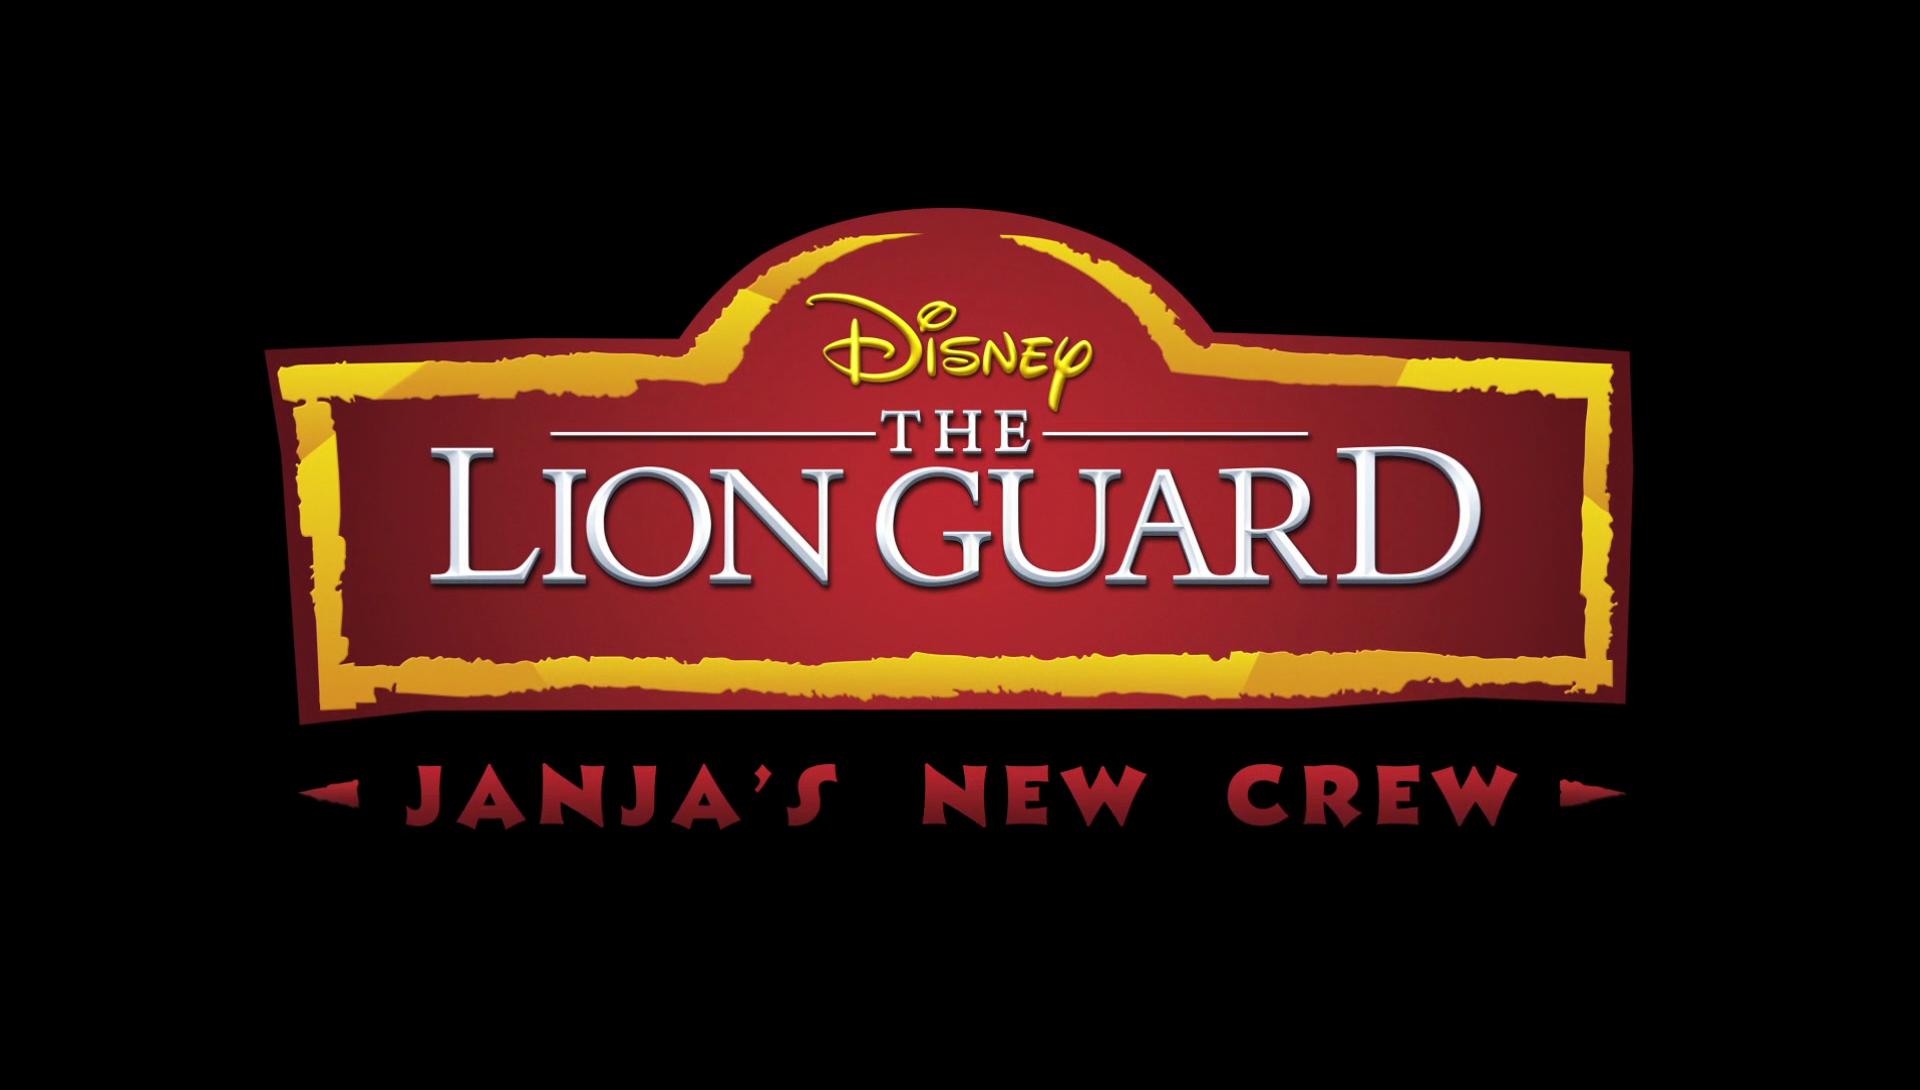 Janja's New Crew